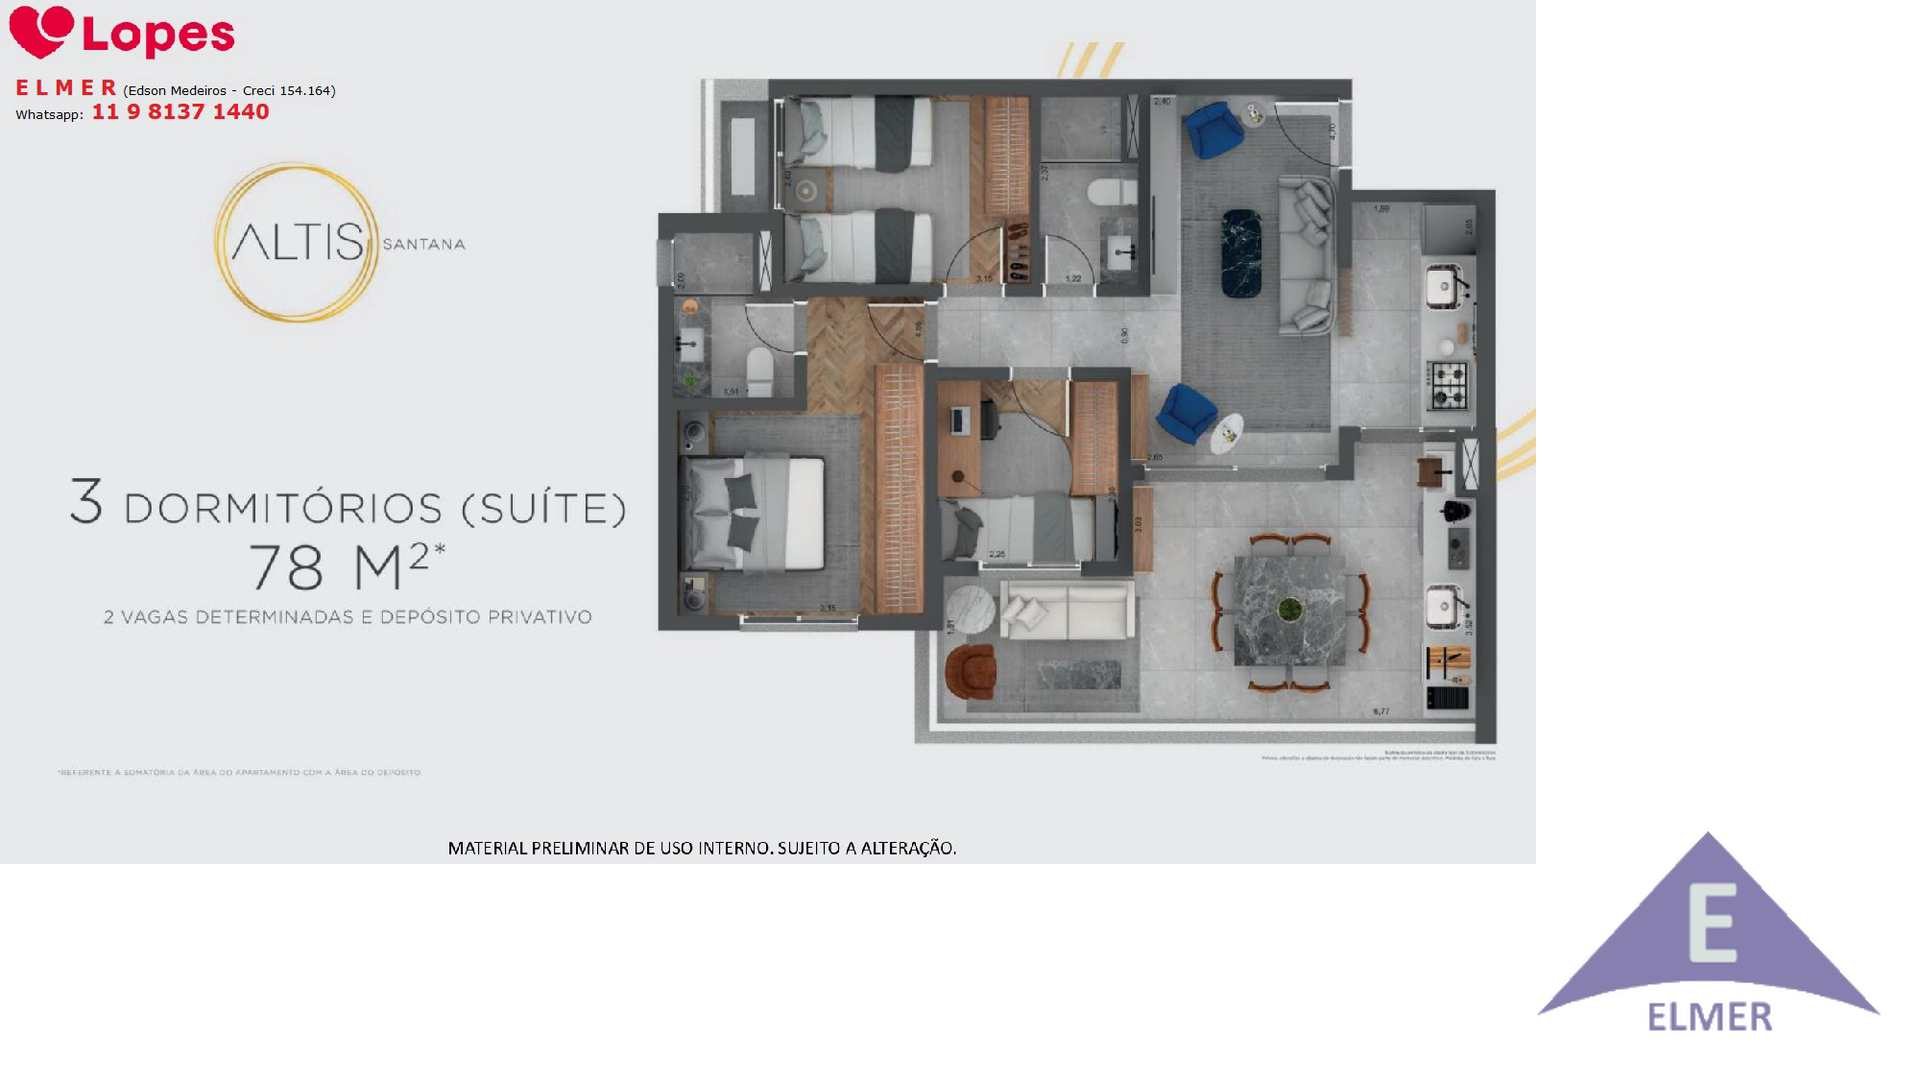 Planta 78 m² - ALTIS SANTANA - Elmer